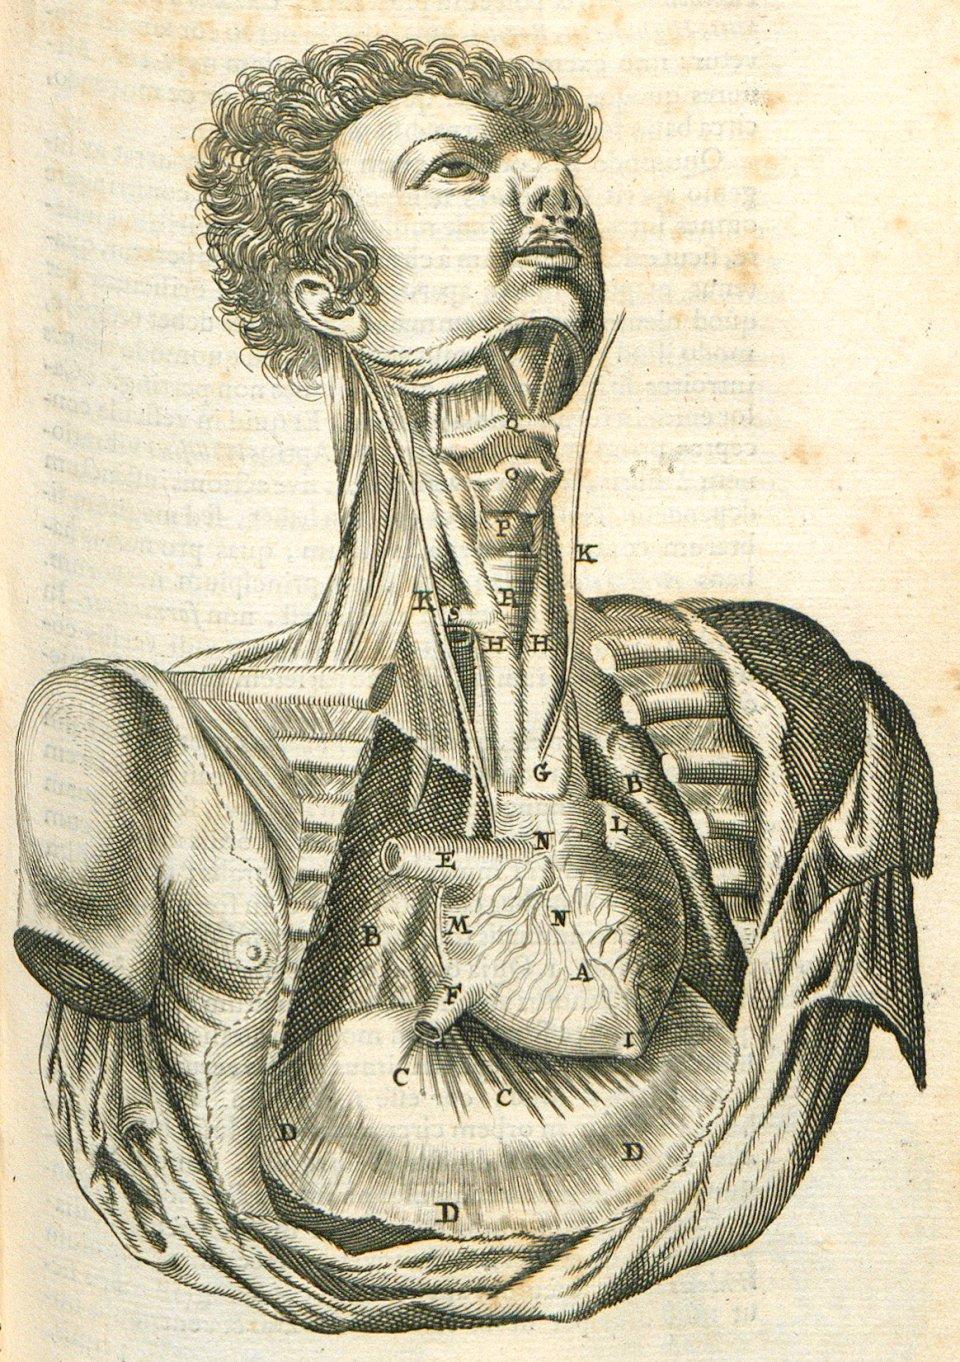 Thomas Bartholin, XVII-duński badacz, jest uznawany za jednego z najważniejszych anatomów. Opracowany przez niego atlas anatomiczny doczekał się kilku wydań. Ryciny w atlasie anatomicznym Bartholina, znajdującego się w zbiorach Cyfrowej Biblioteki Polona zwracają uwagę szczegółowymi indywidualnymi cechami ciał poddawanych sekcji - rysami twarzy czy fryzurami. Na tej ilustracji przedstawiono tchawicę i serce.